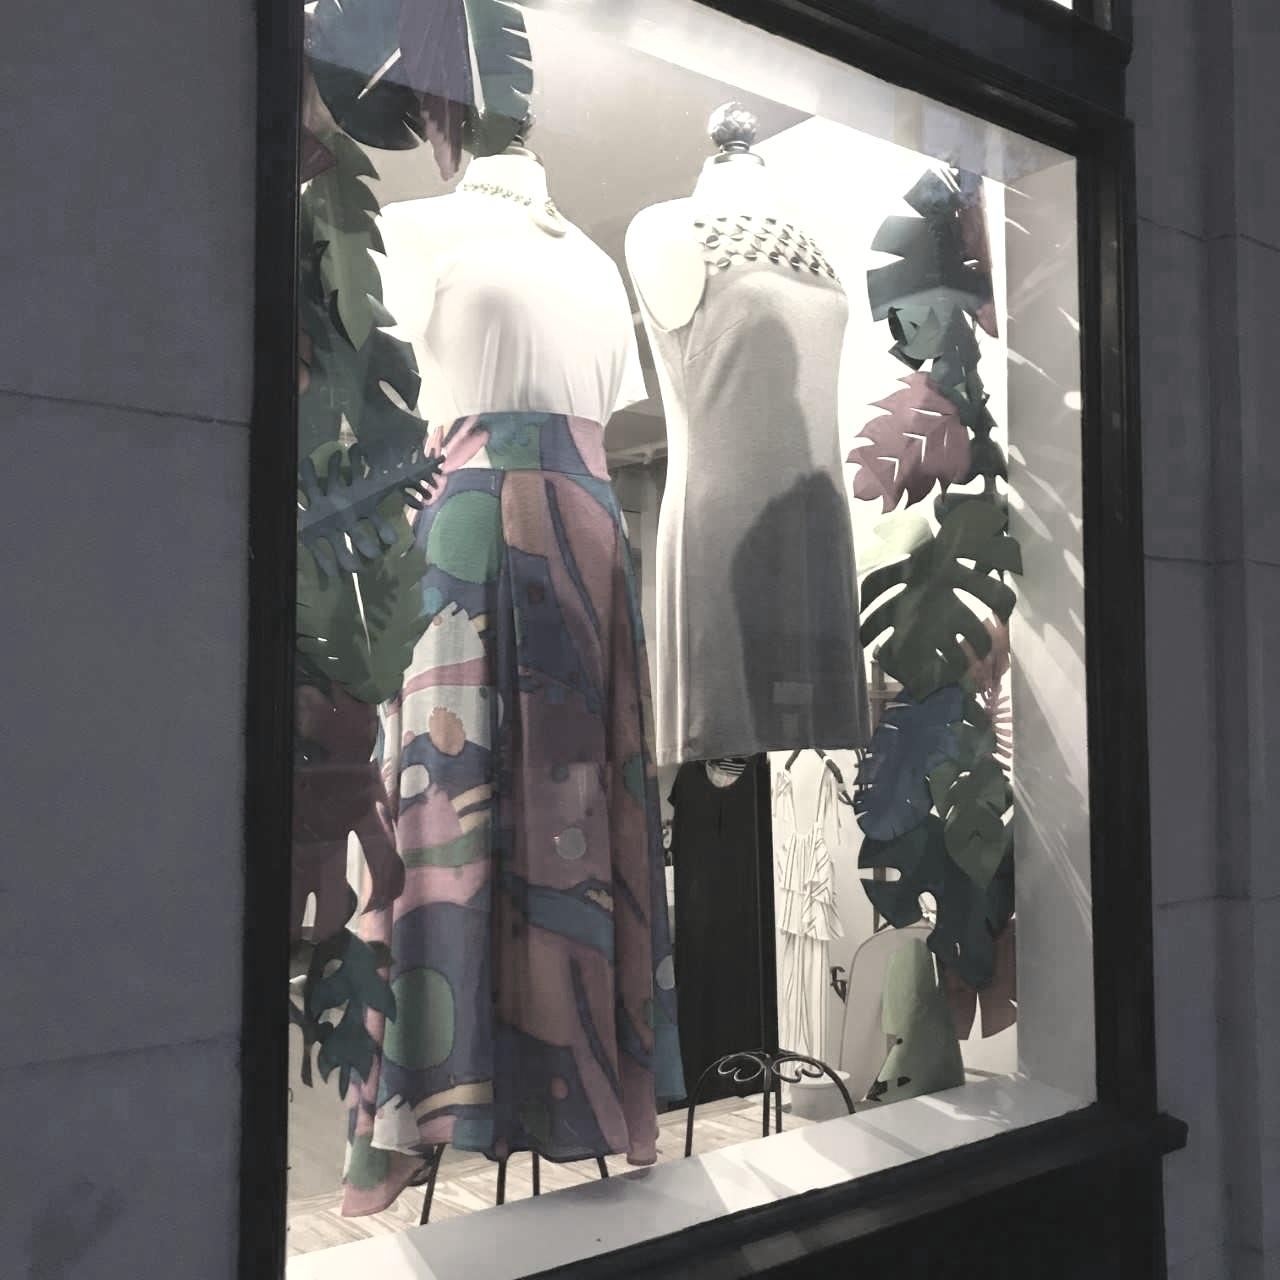 skirt 5.jpg